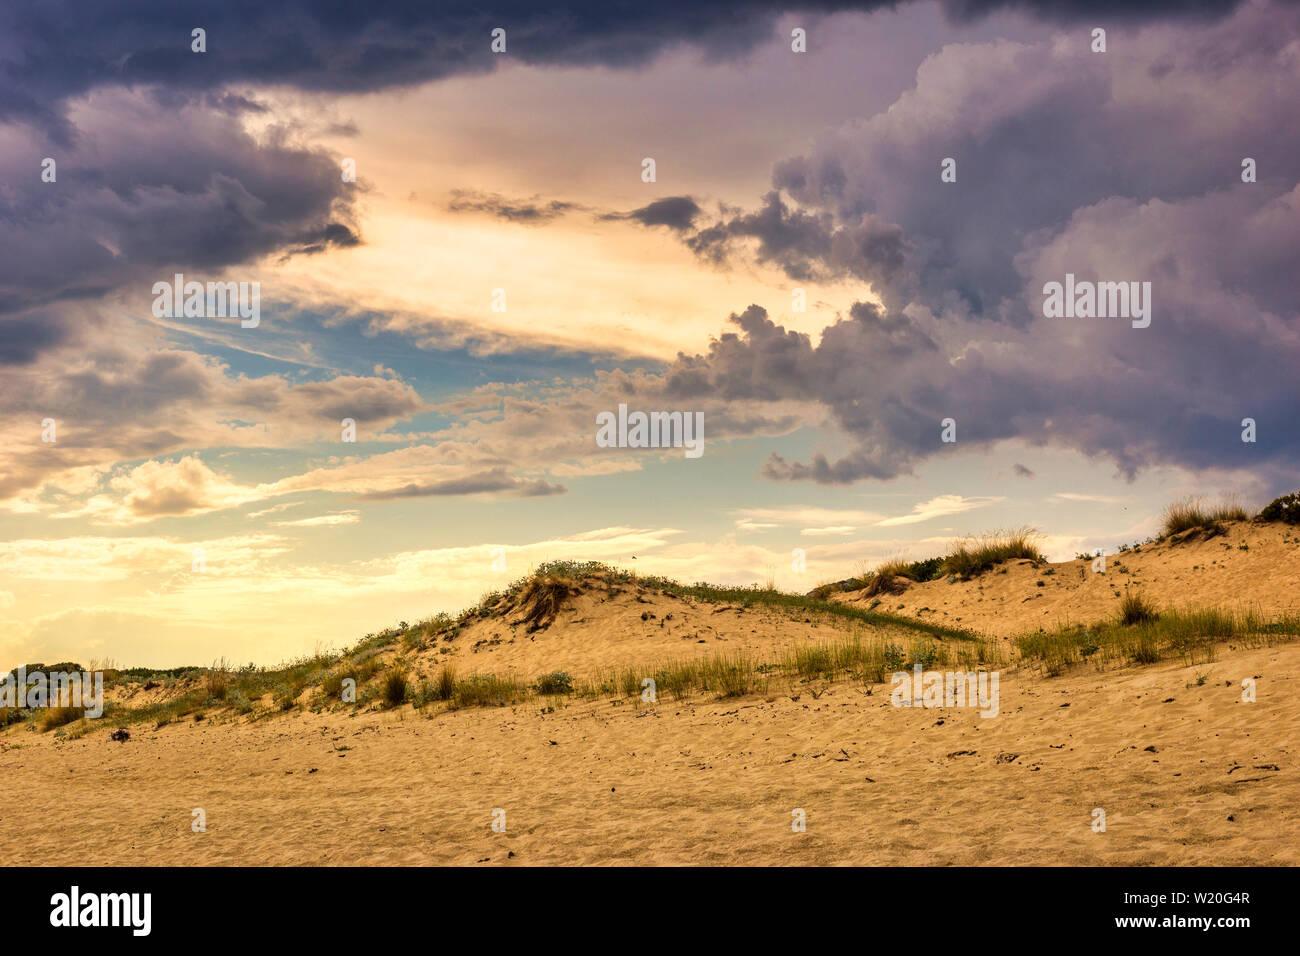 Cloudscape spectaculaire tempête avant sur la plage. Arrière-plan de la nature majestueuse. Banque D'Images